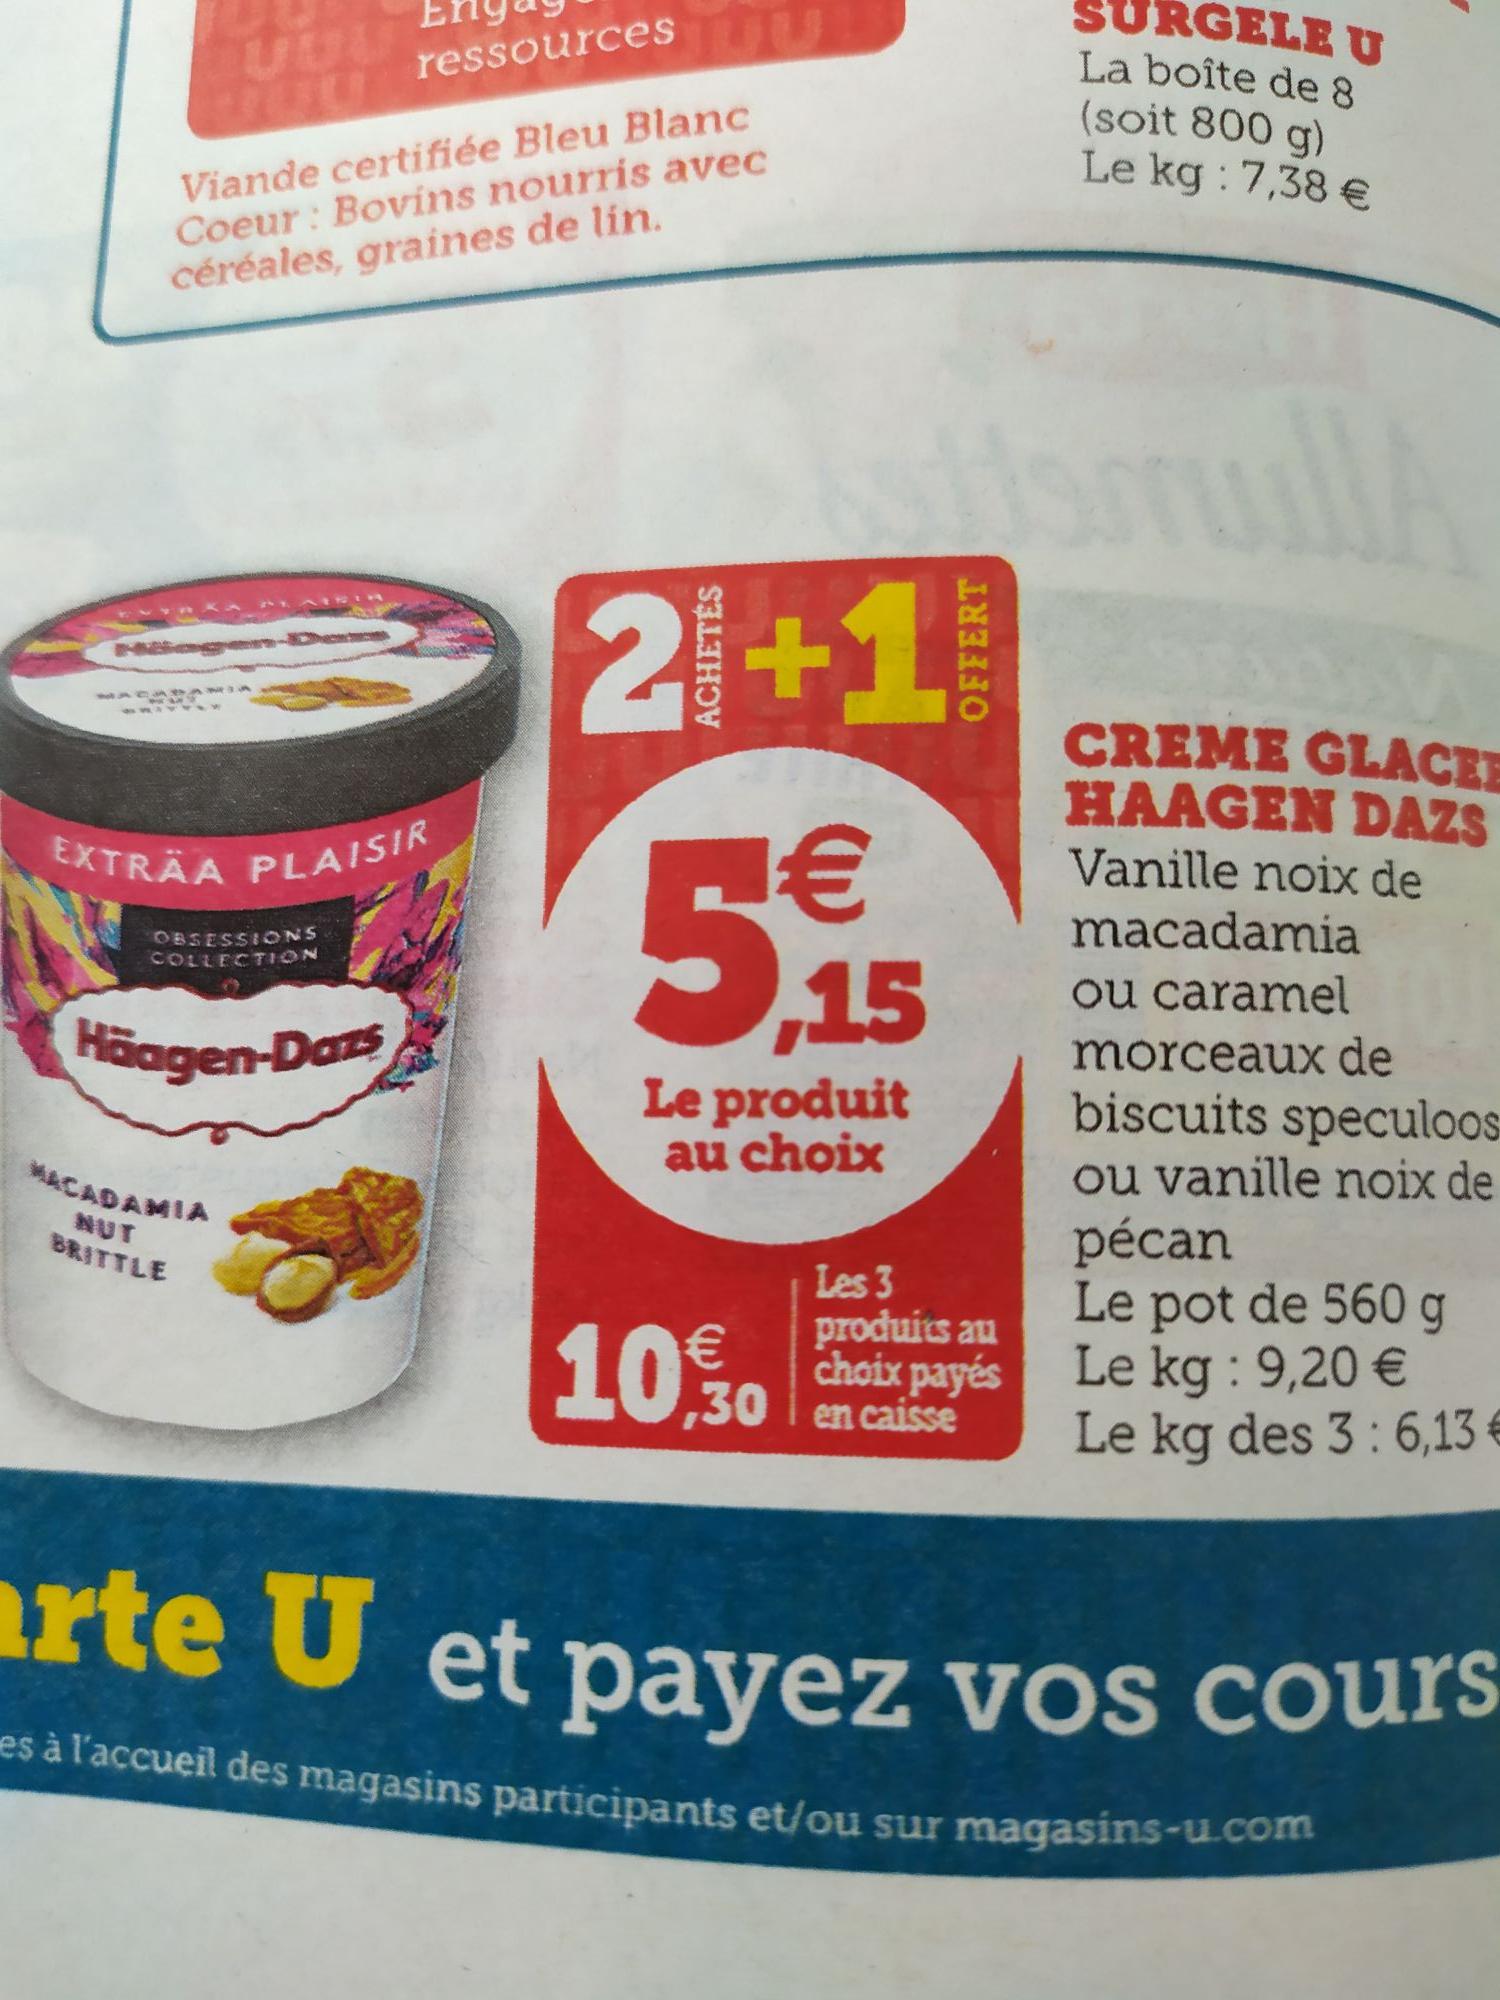 3 Pots de Crème Glacée Häagen-Dazs, 3 x 560G - Bretagne, Pays de la Loire, Nouvelle-Aquitaine